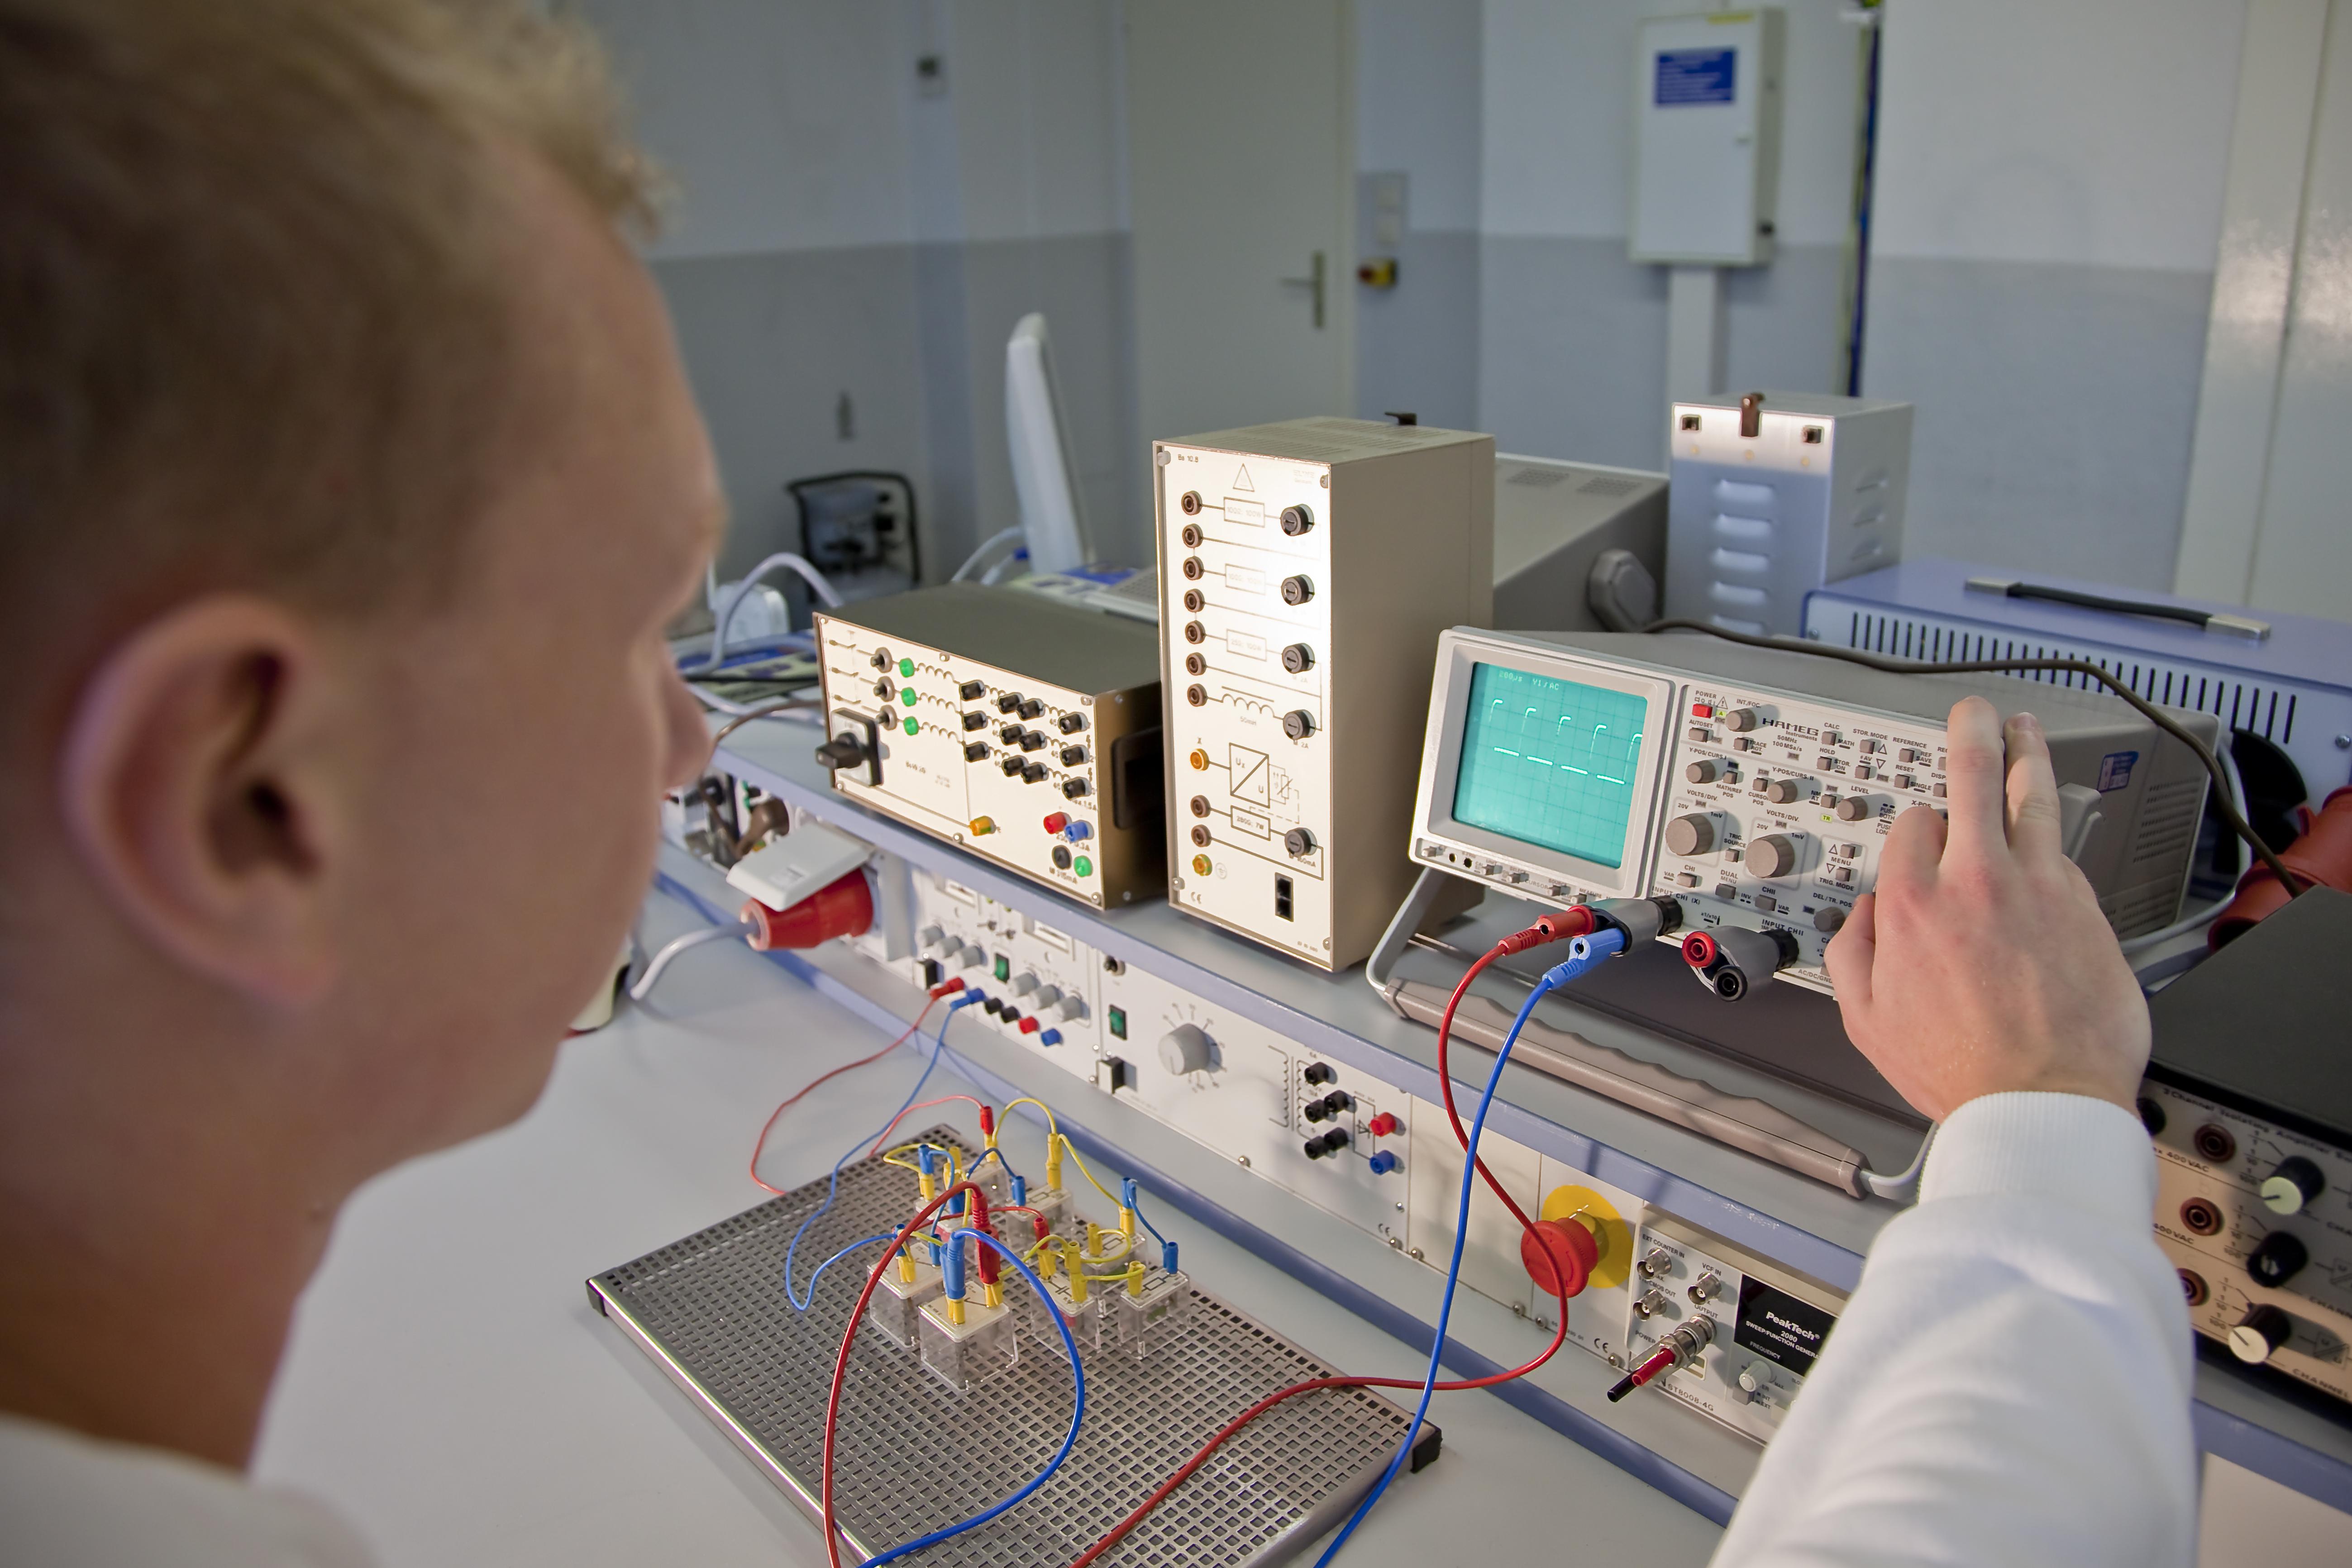 Staatlich anerkannter Techniker für Mechatronik